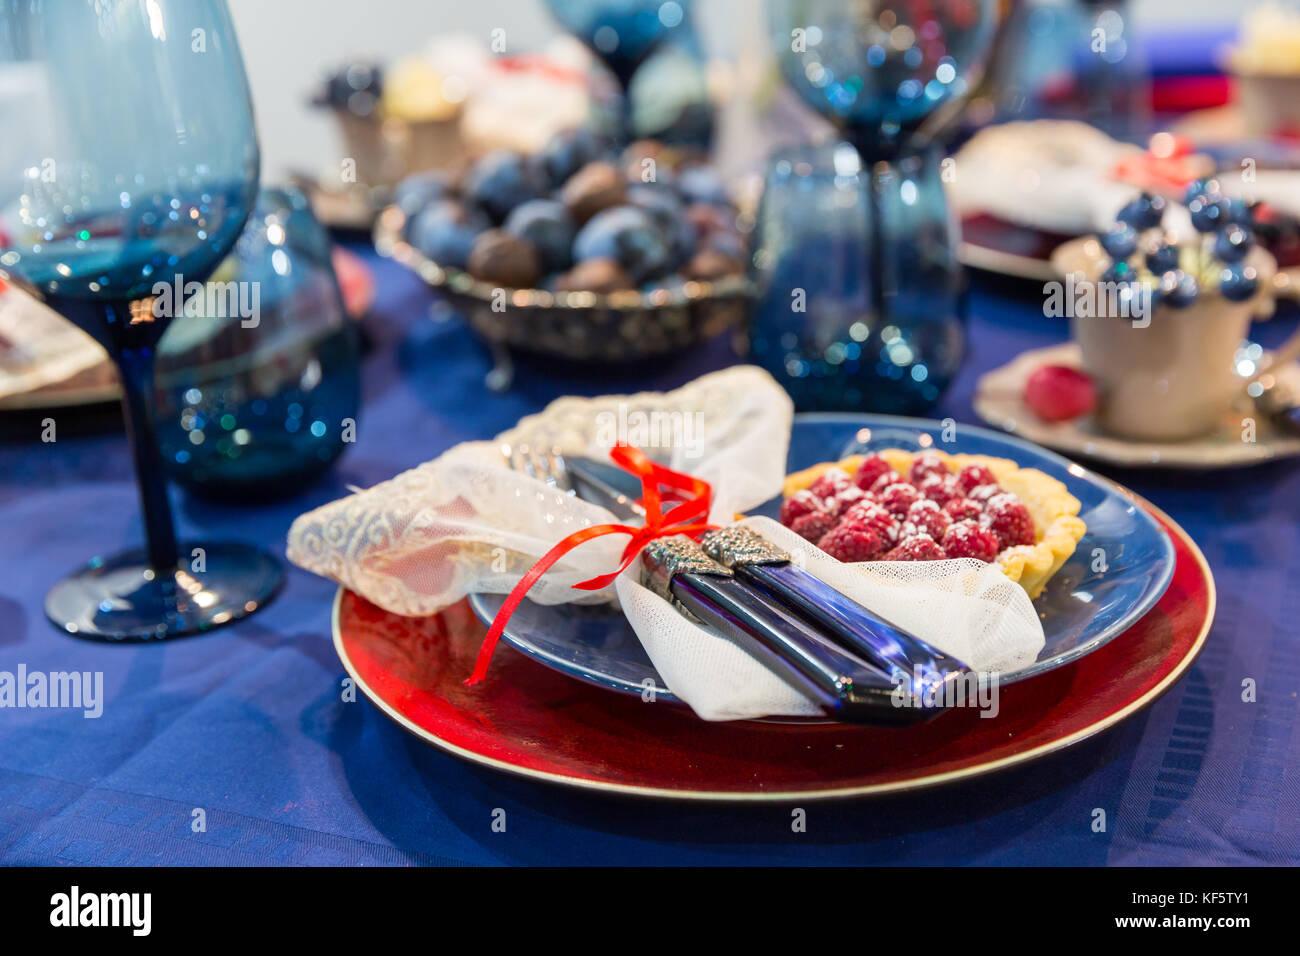 Table avec décoration alimentaire libre, personne ne Photo Stock